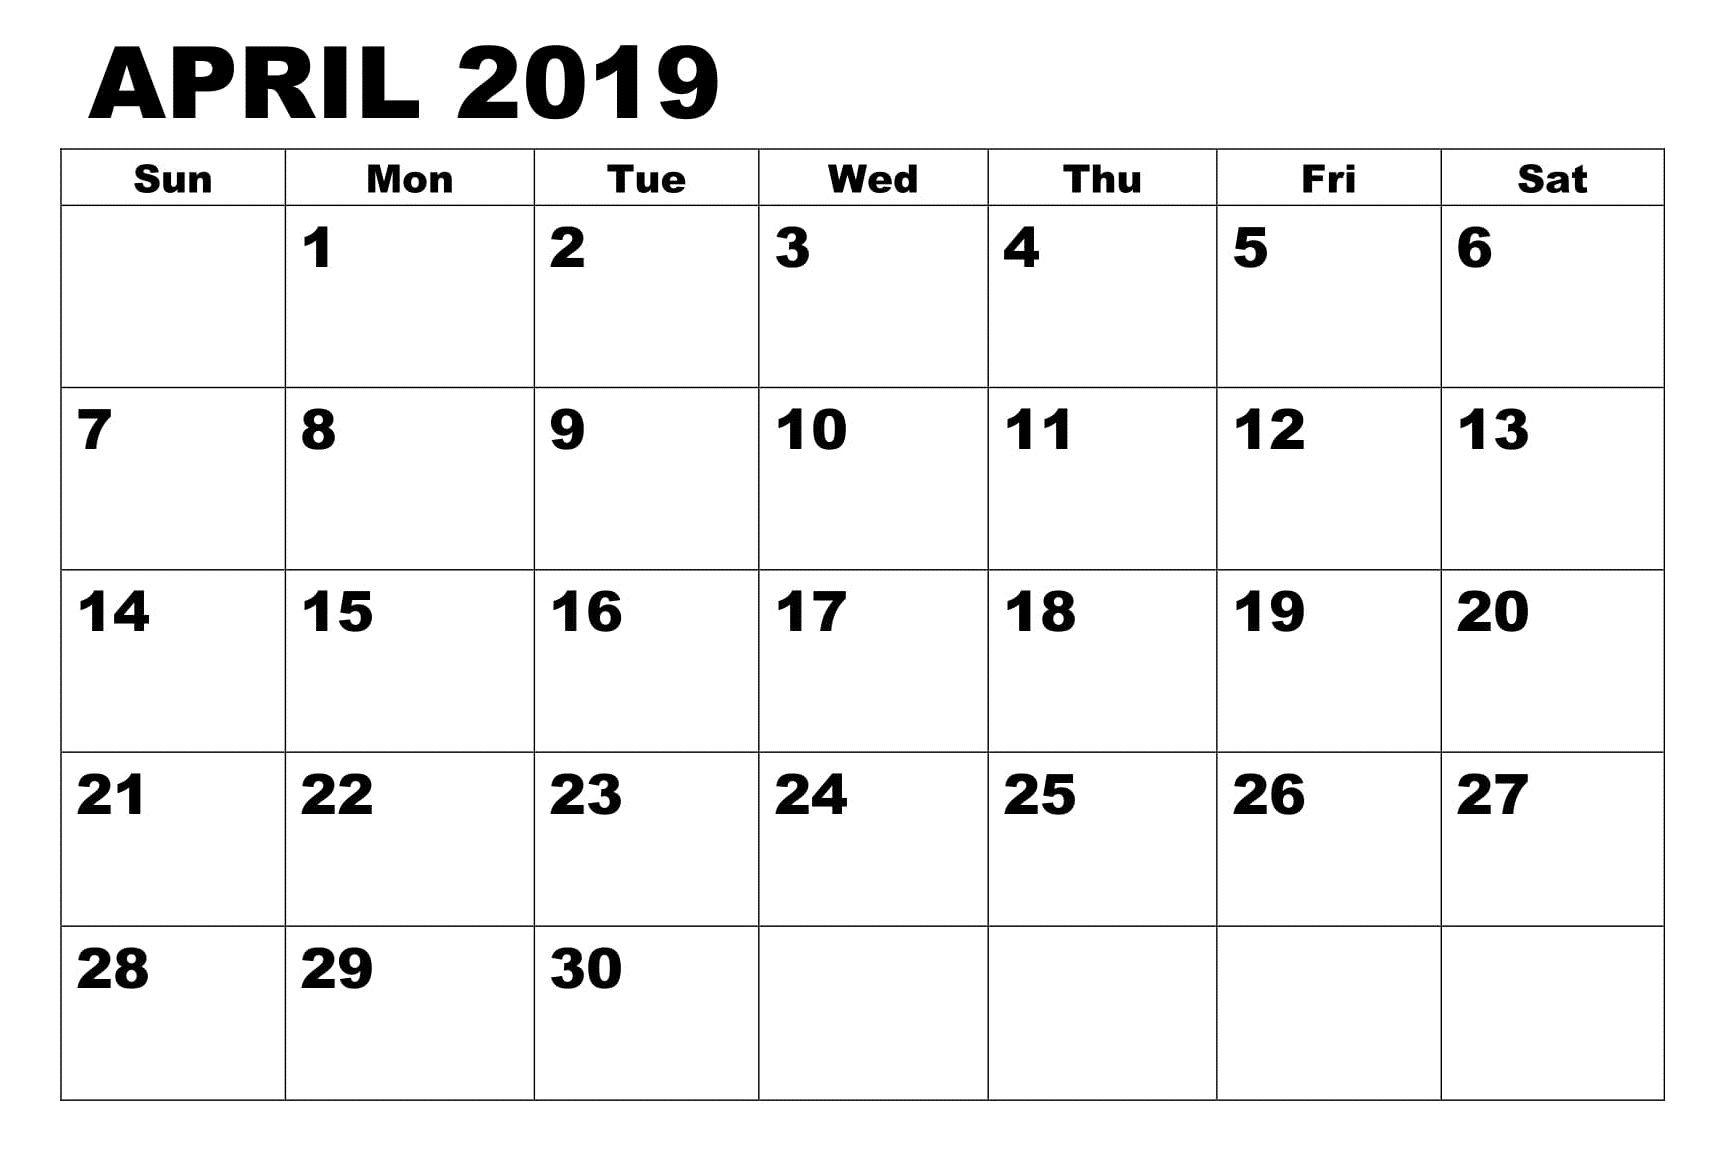 Lunar Calendar For April 2019 Printable PDF Blank Download.